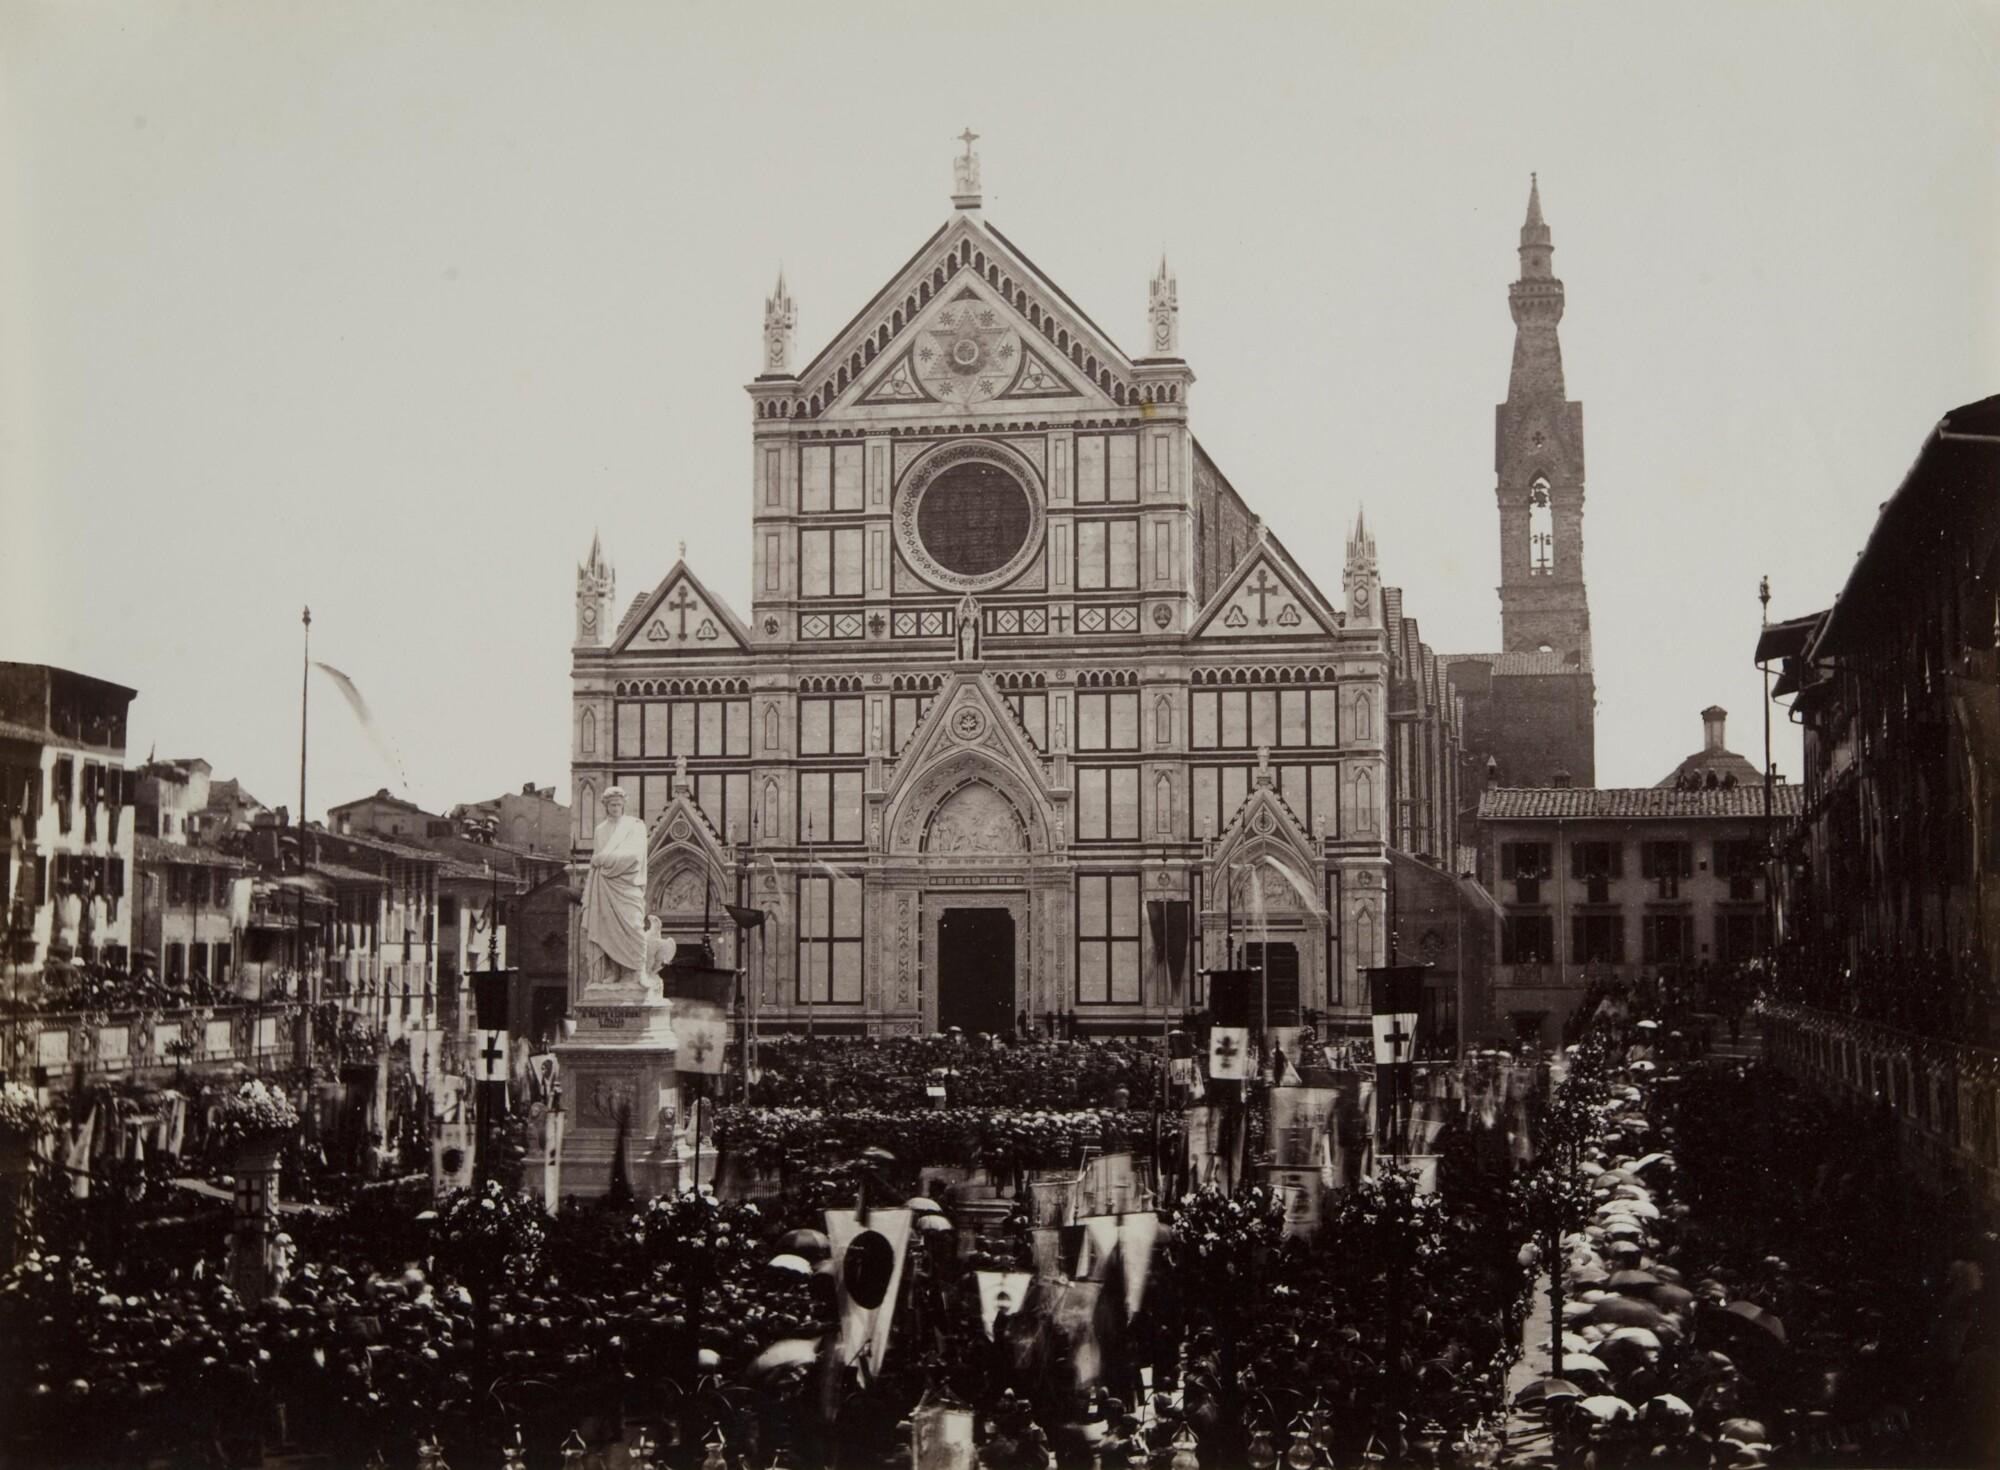 Алинари.    Открытие памятной статуи Данте Алигьери. Площадь Санта-Кроче, 1865   Альбуминовый отпечаток